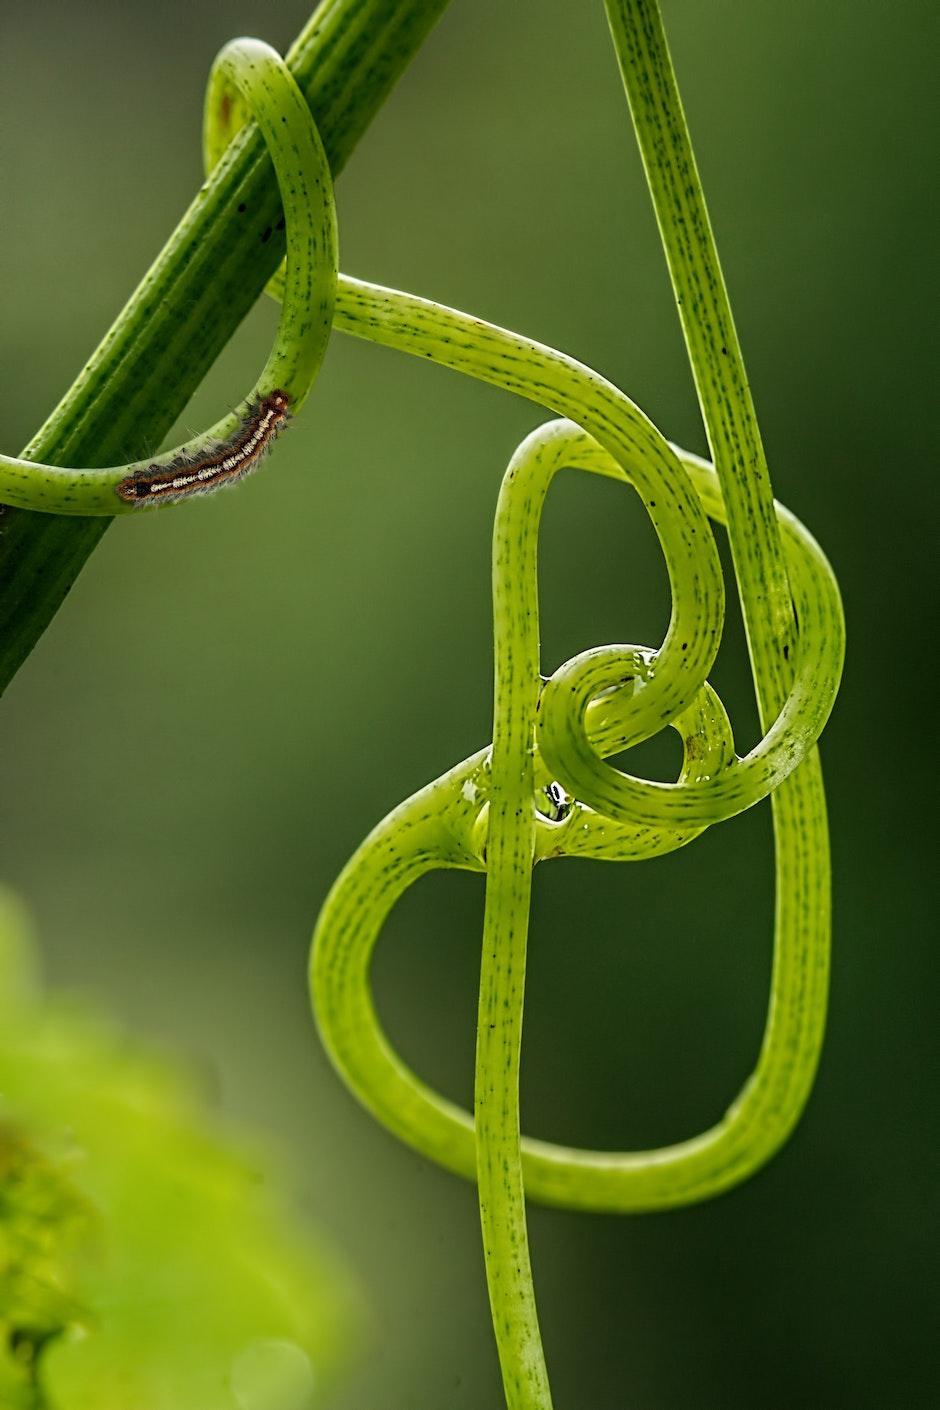 caterpillar, close-up, green